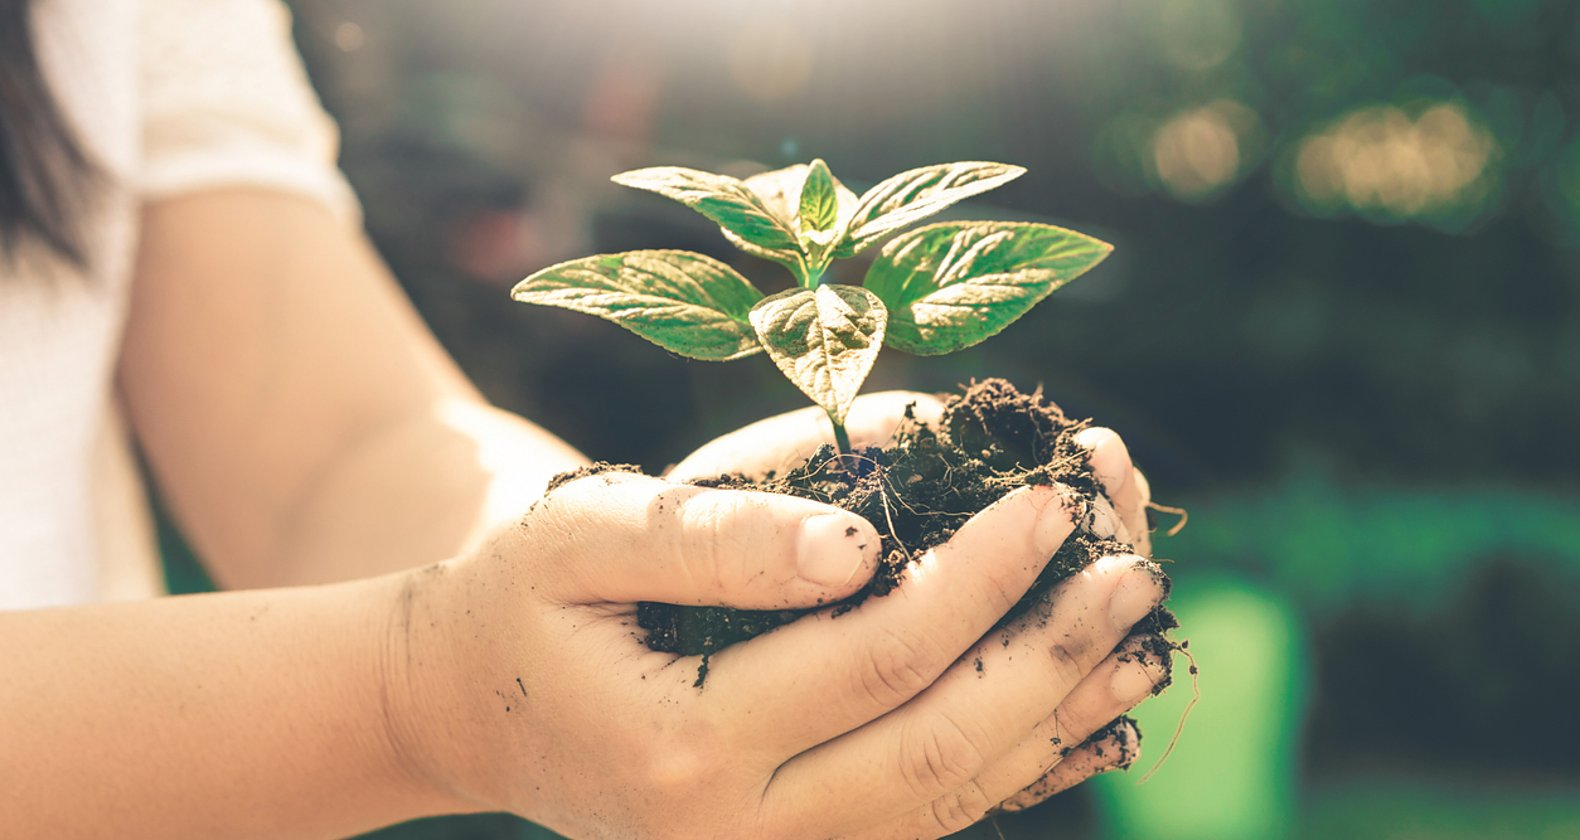 グリーン購入|SDGs目標12との関係と取り組み事例を紹介の画像